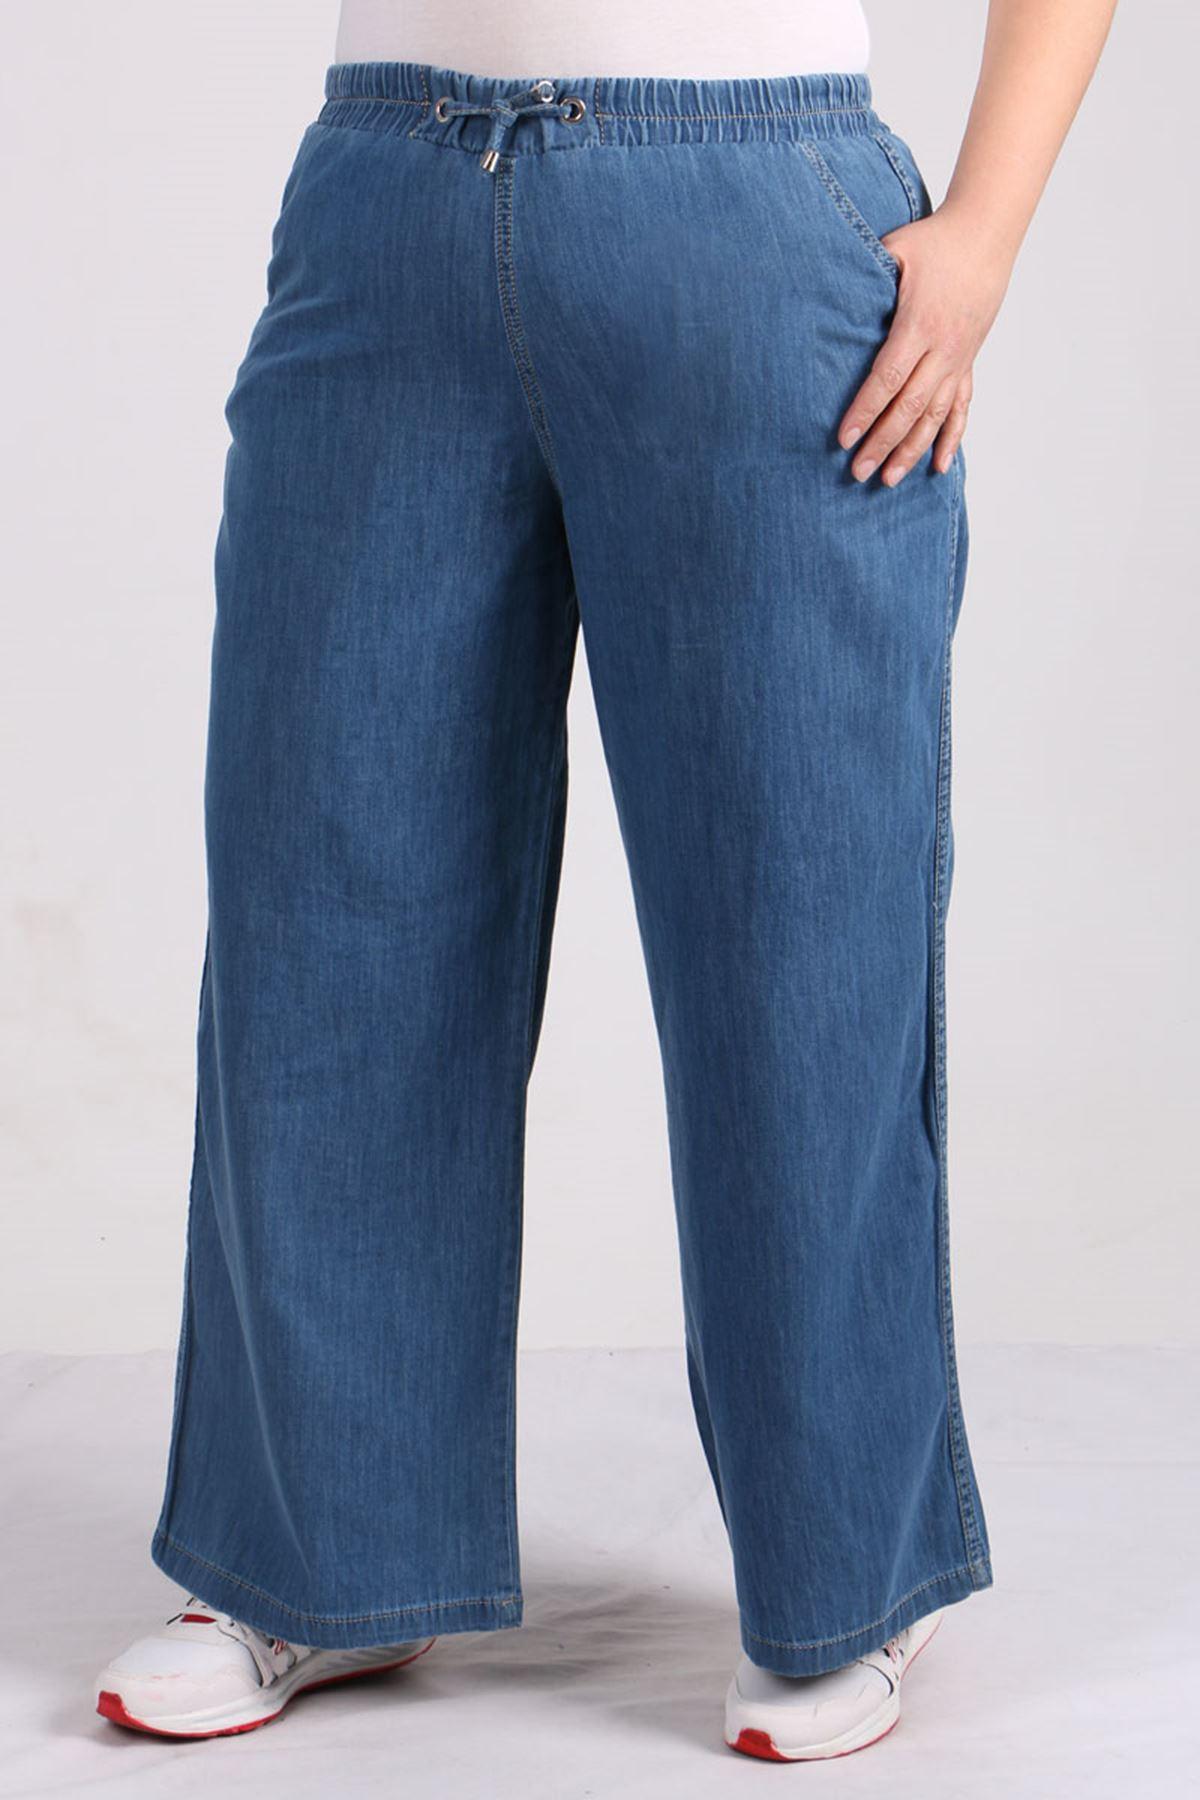 9124 Büyük Beden Beli Lastikli Bol Paça Kot Pantolon- Açık Lacivert